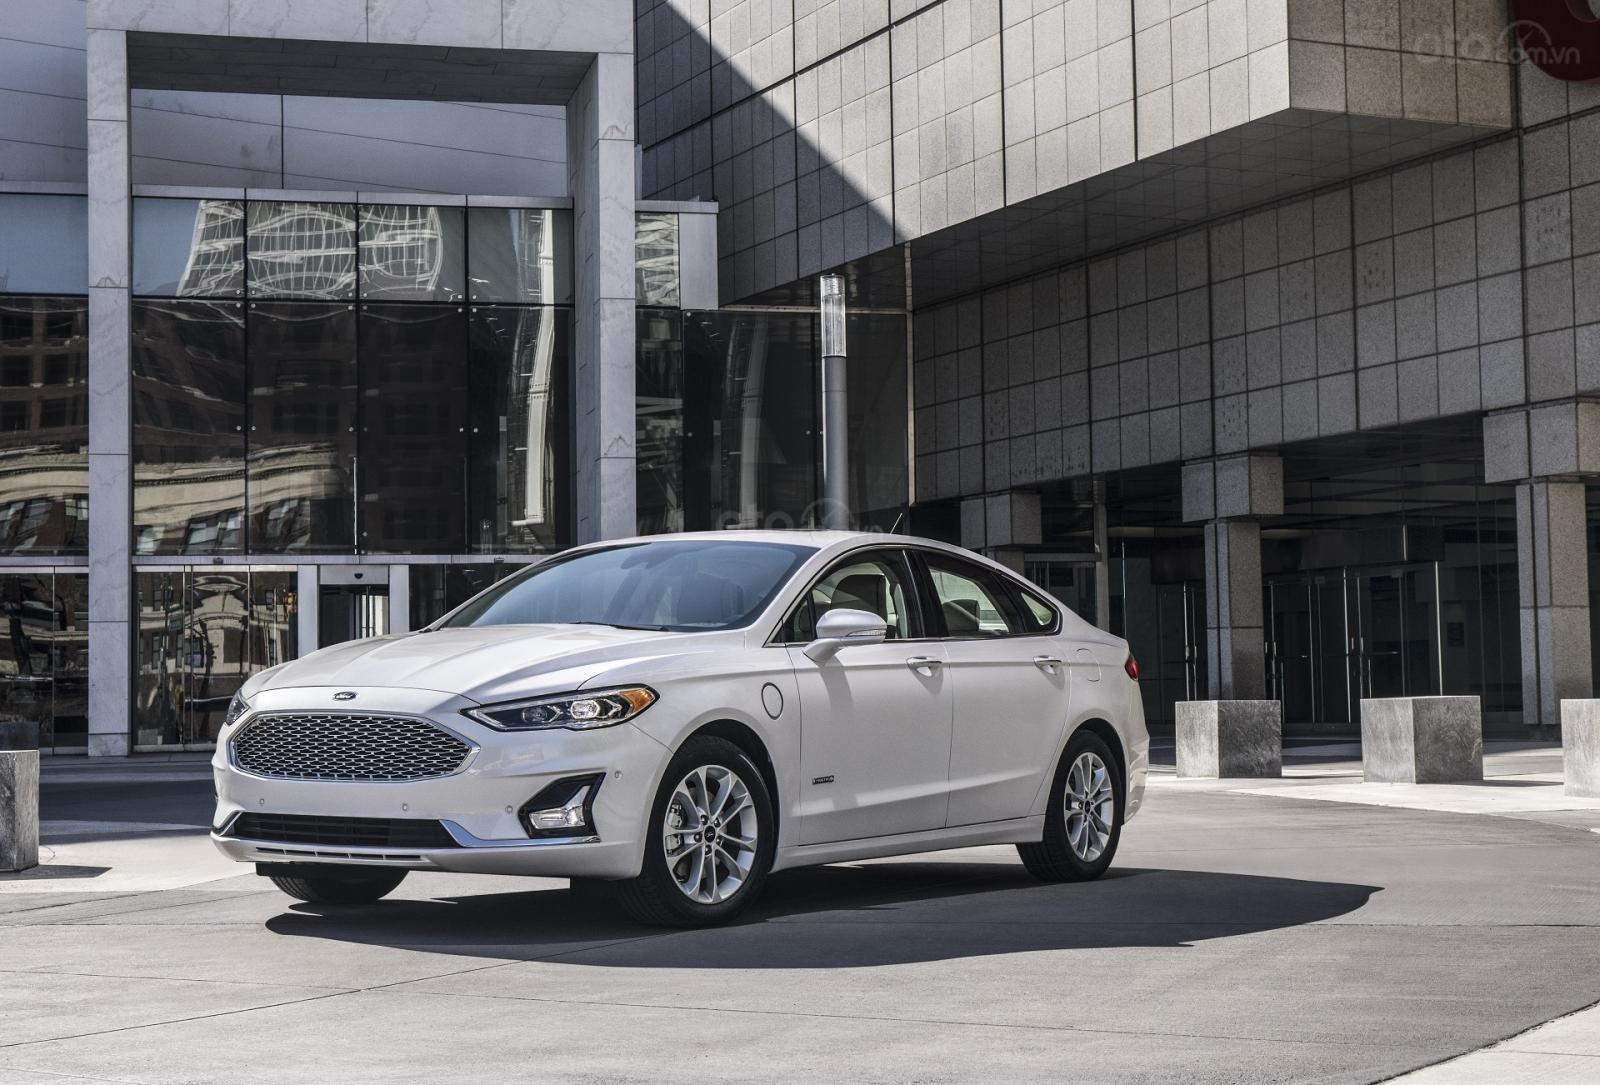 Ưu nhược điểm xe Ford Fusion 2019 - Hệ dẫn động tân tiến